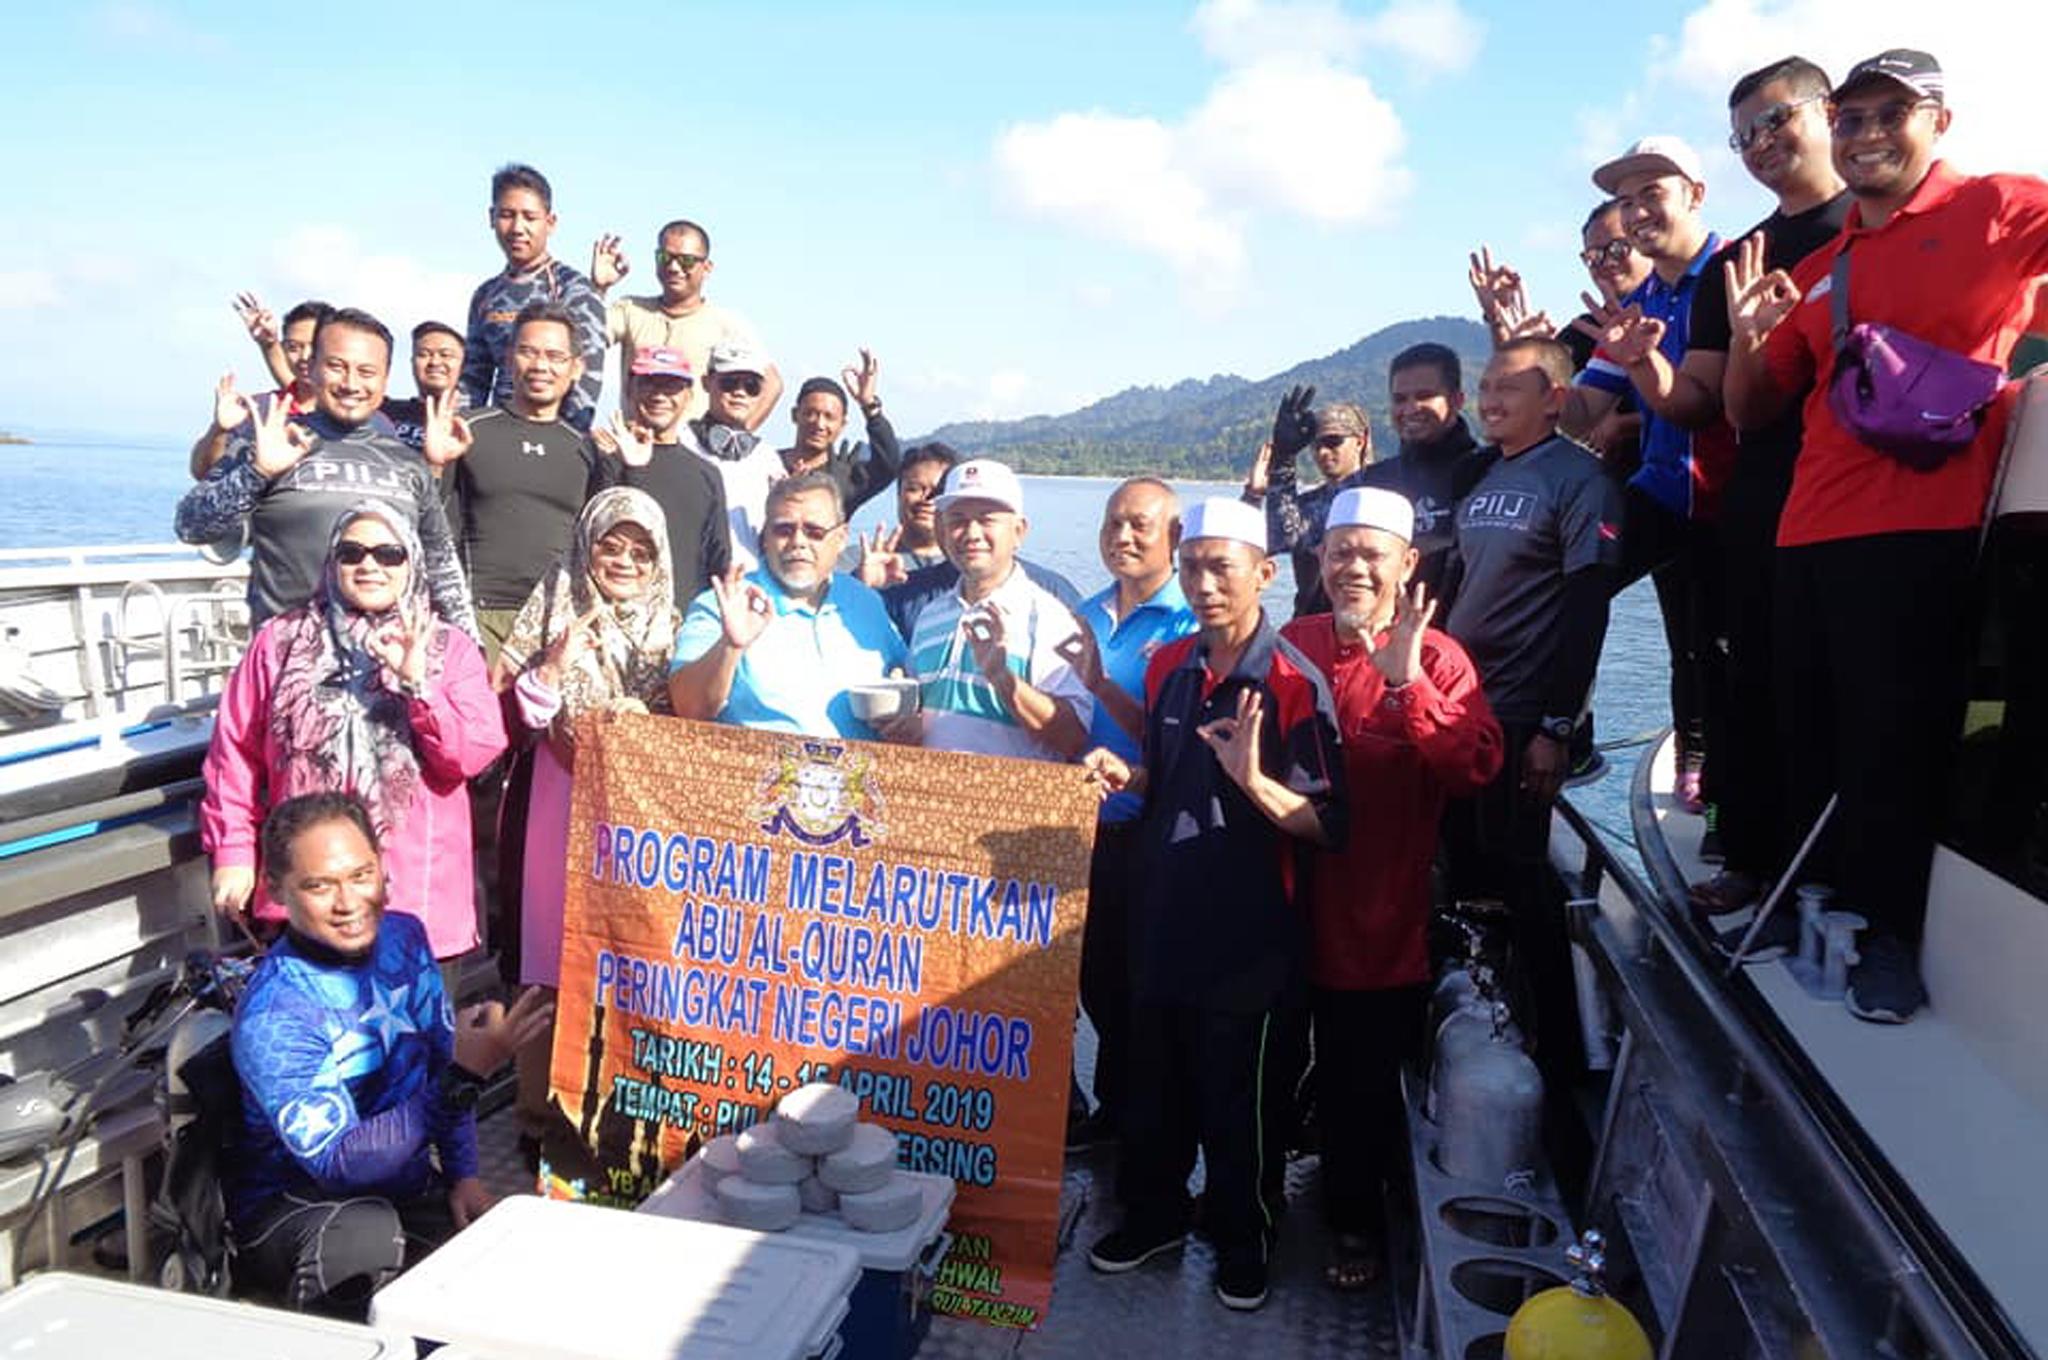 Program Melarutkan Abu Al-Quran di Pulau Sibu Mersing Johor.